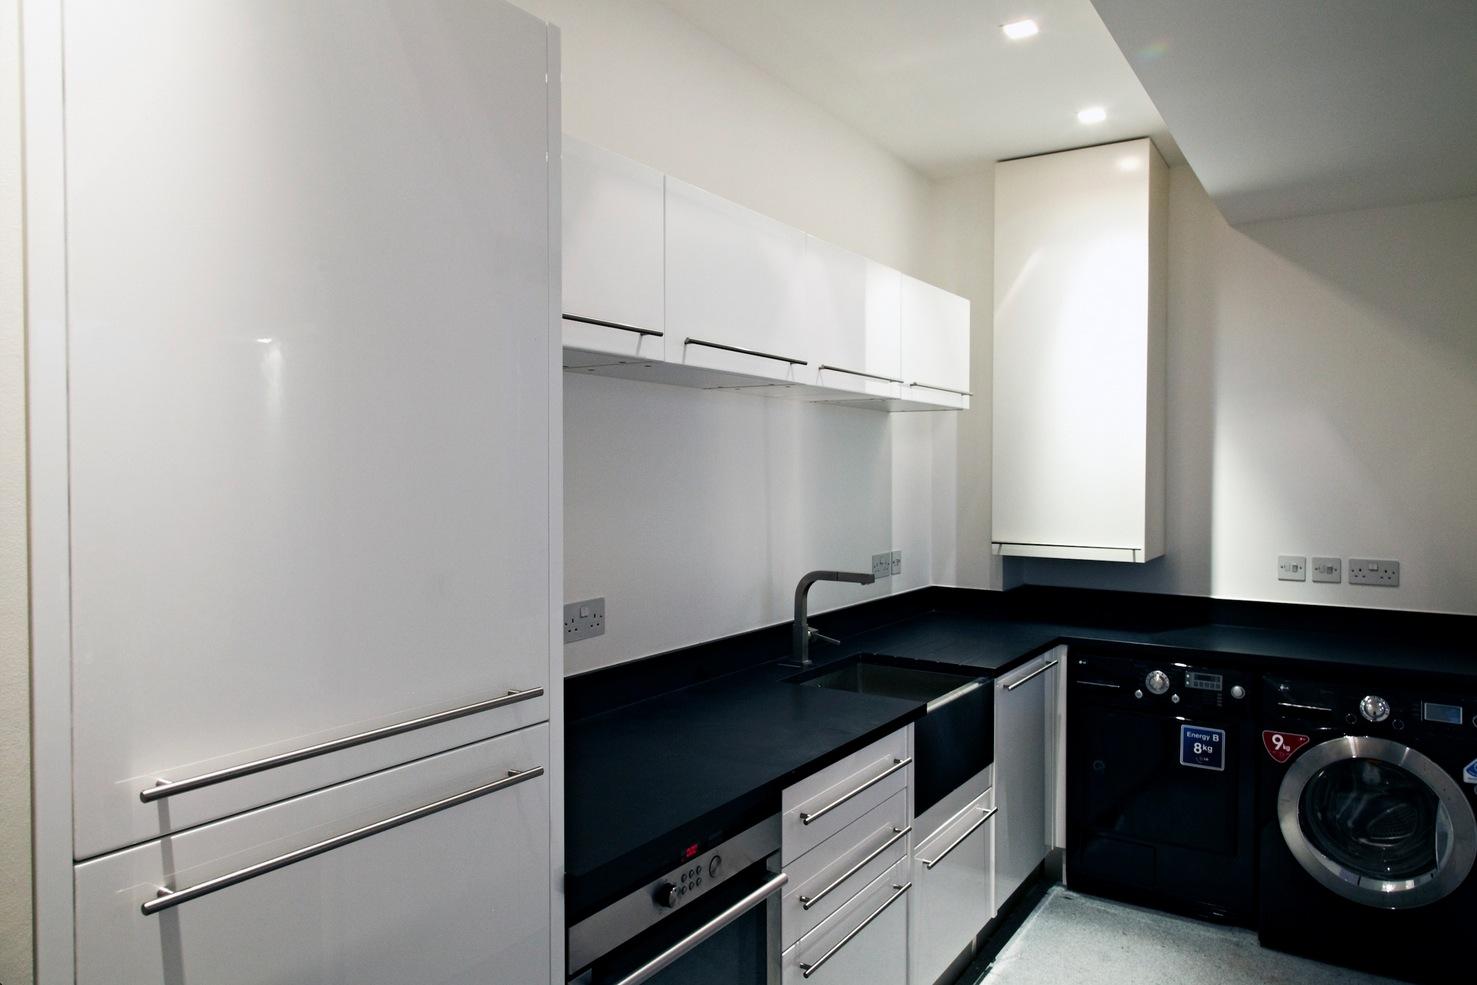 clean design kitchen cabinets 29 cleaning kitchen cabinets clean design kitchen cabinets